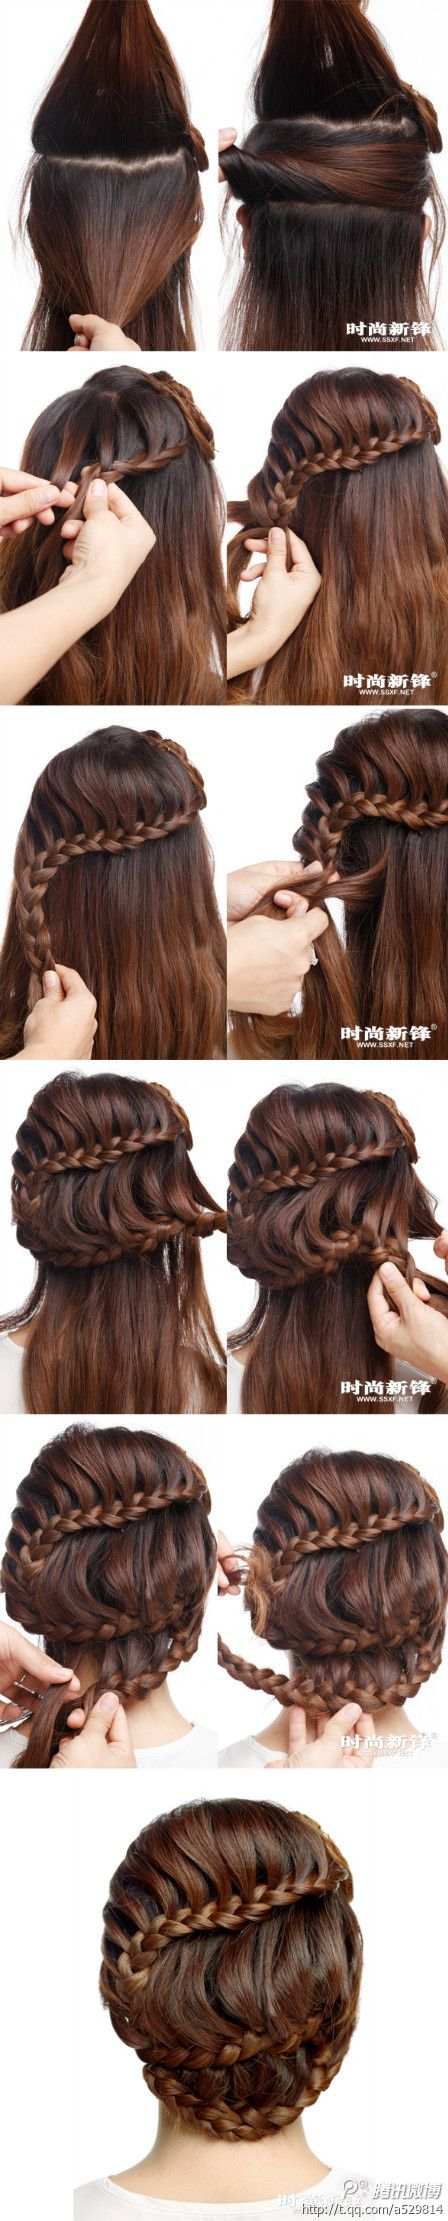 Snake braid